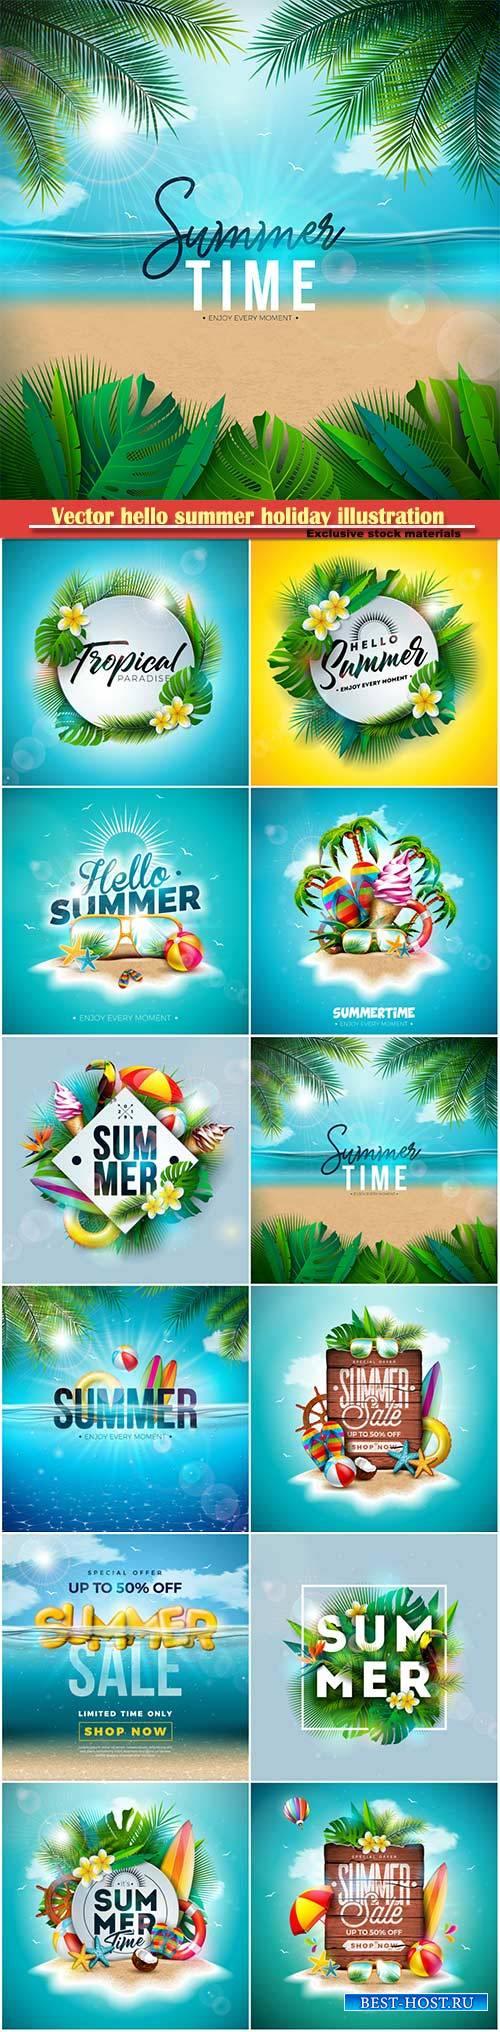 Vector hello summer holiday illustration # 4